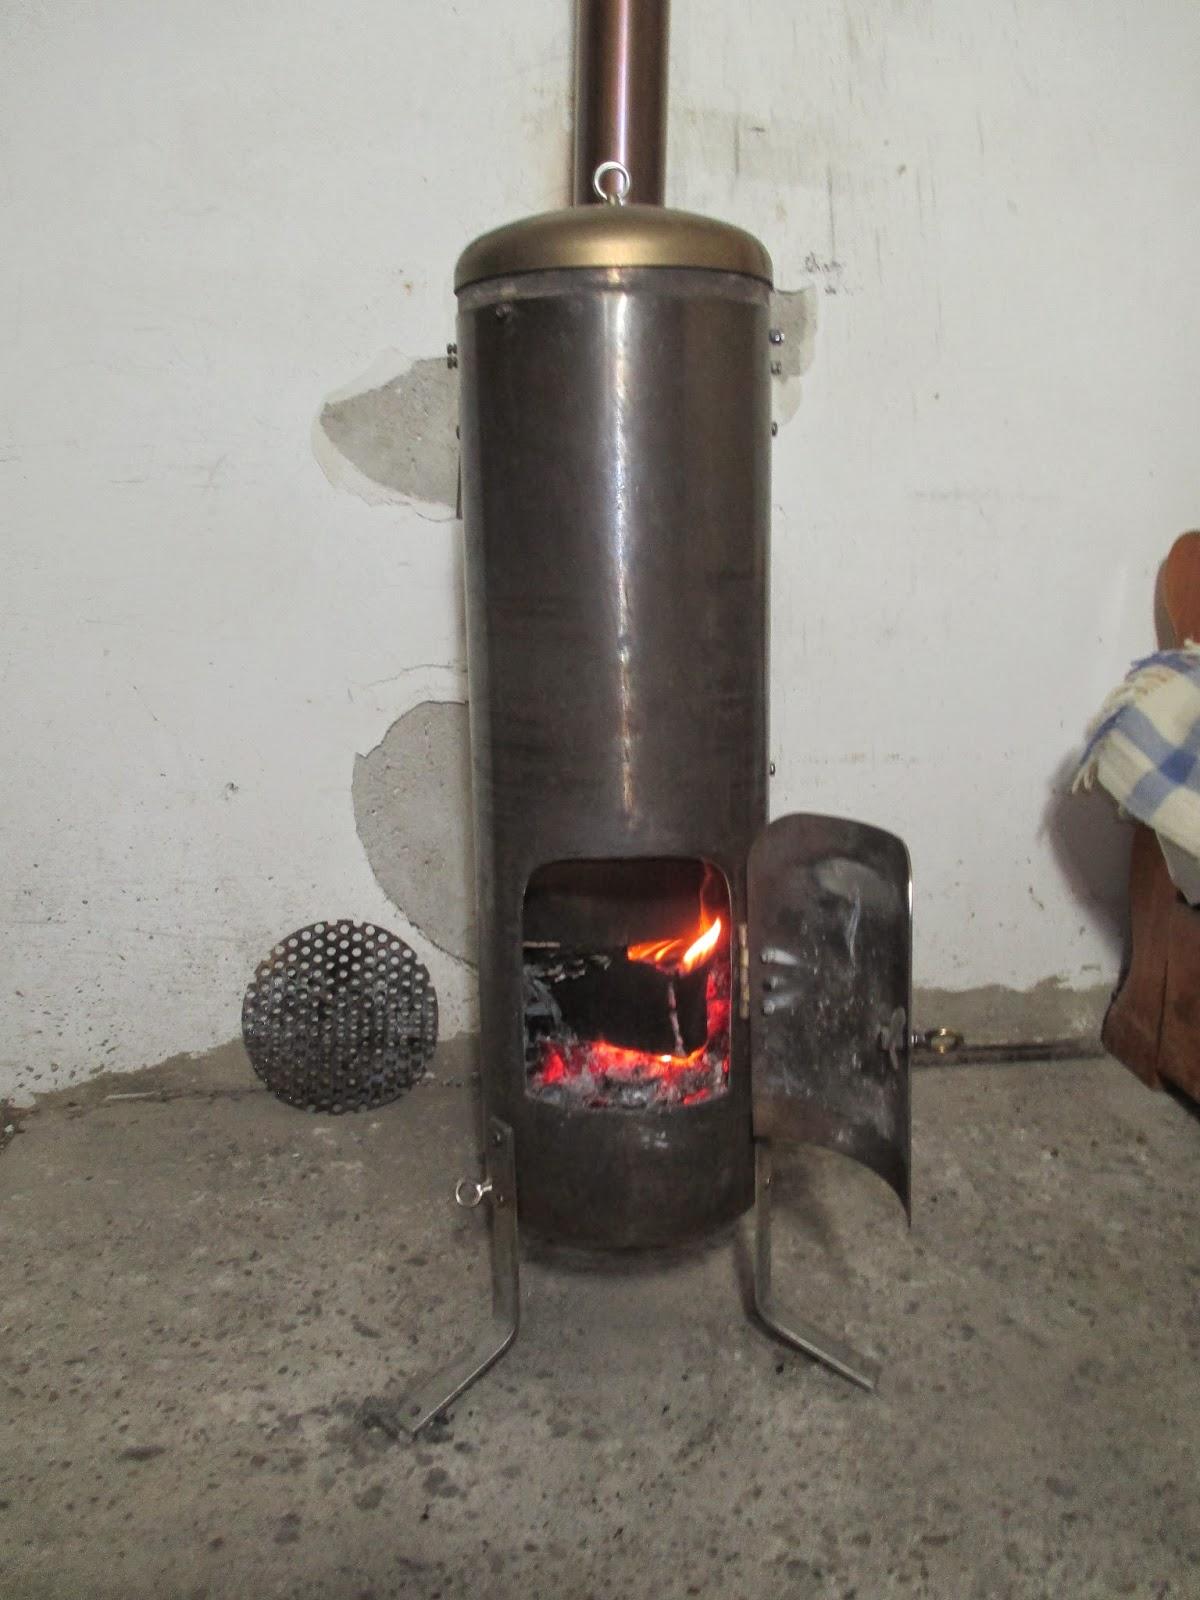 Calor por un tubo estufas de le a - Estufa de calor ...